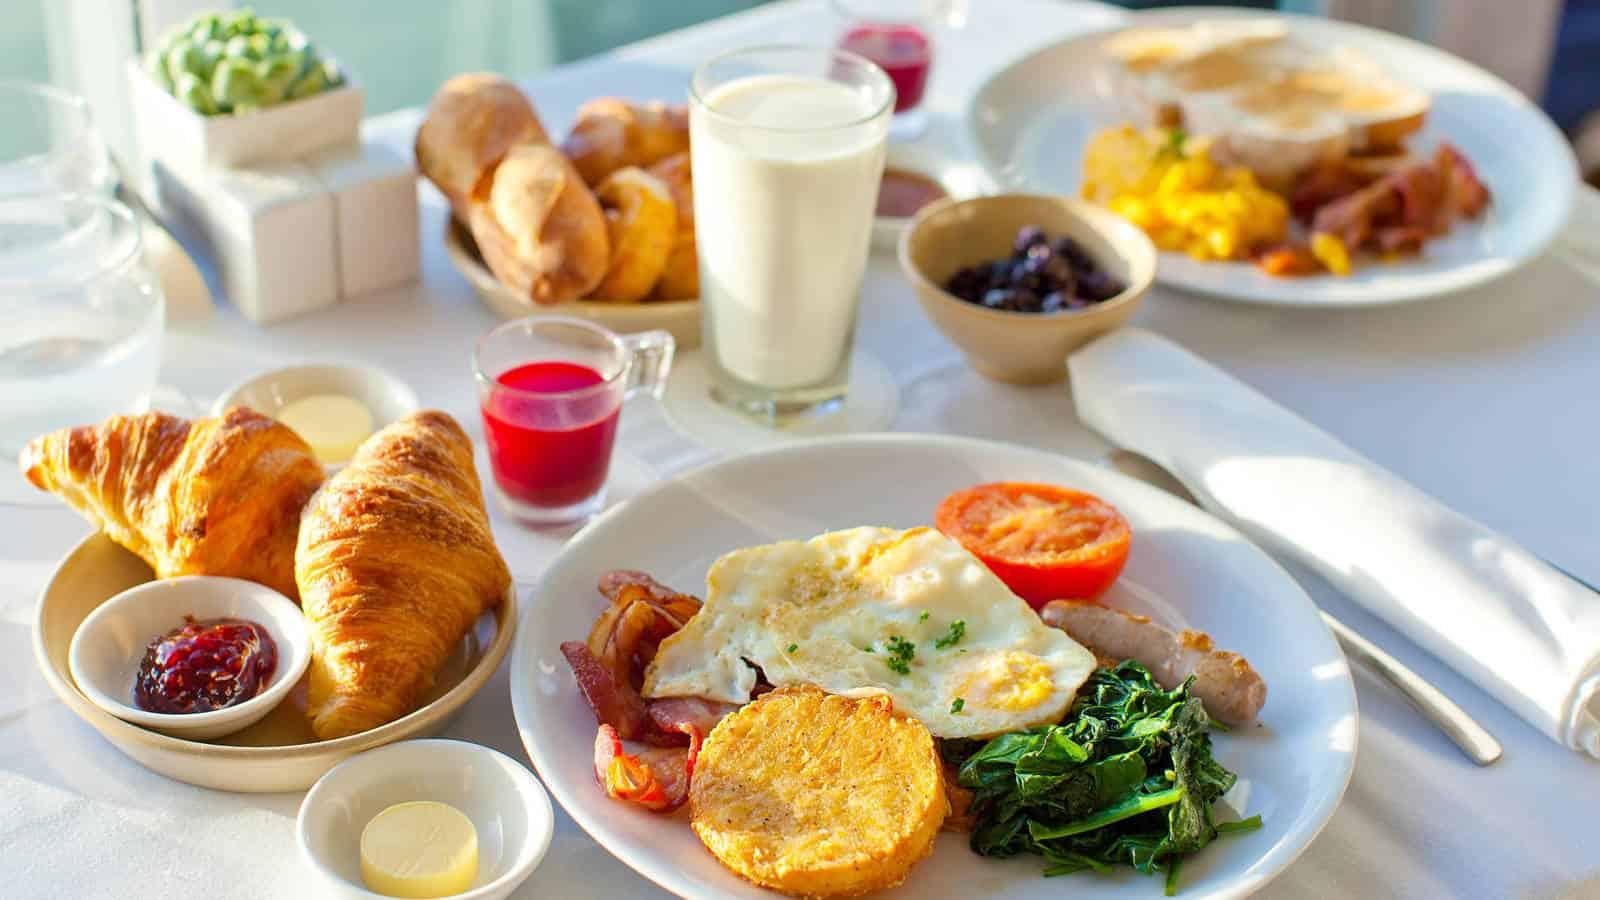 Desayunos en otros paises. Foto: El confidencial